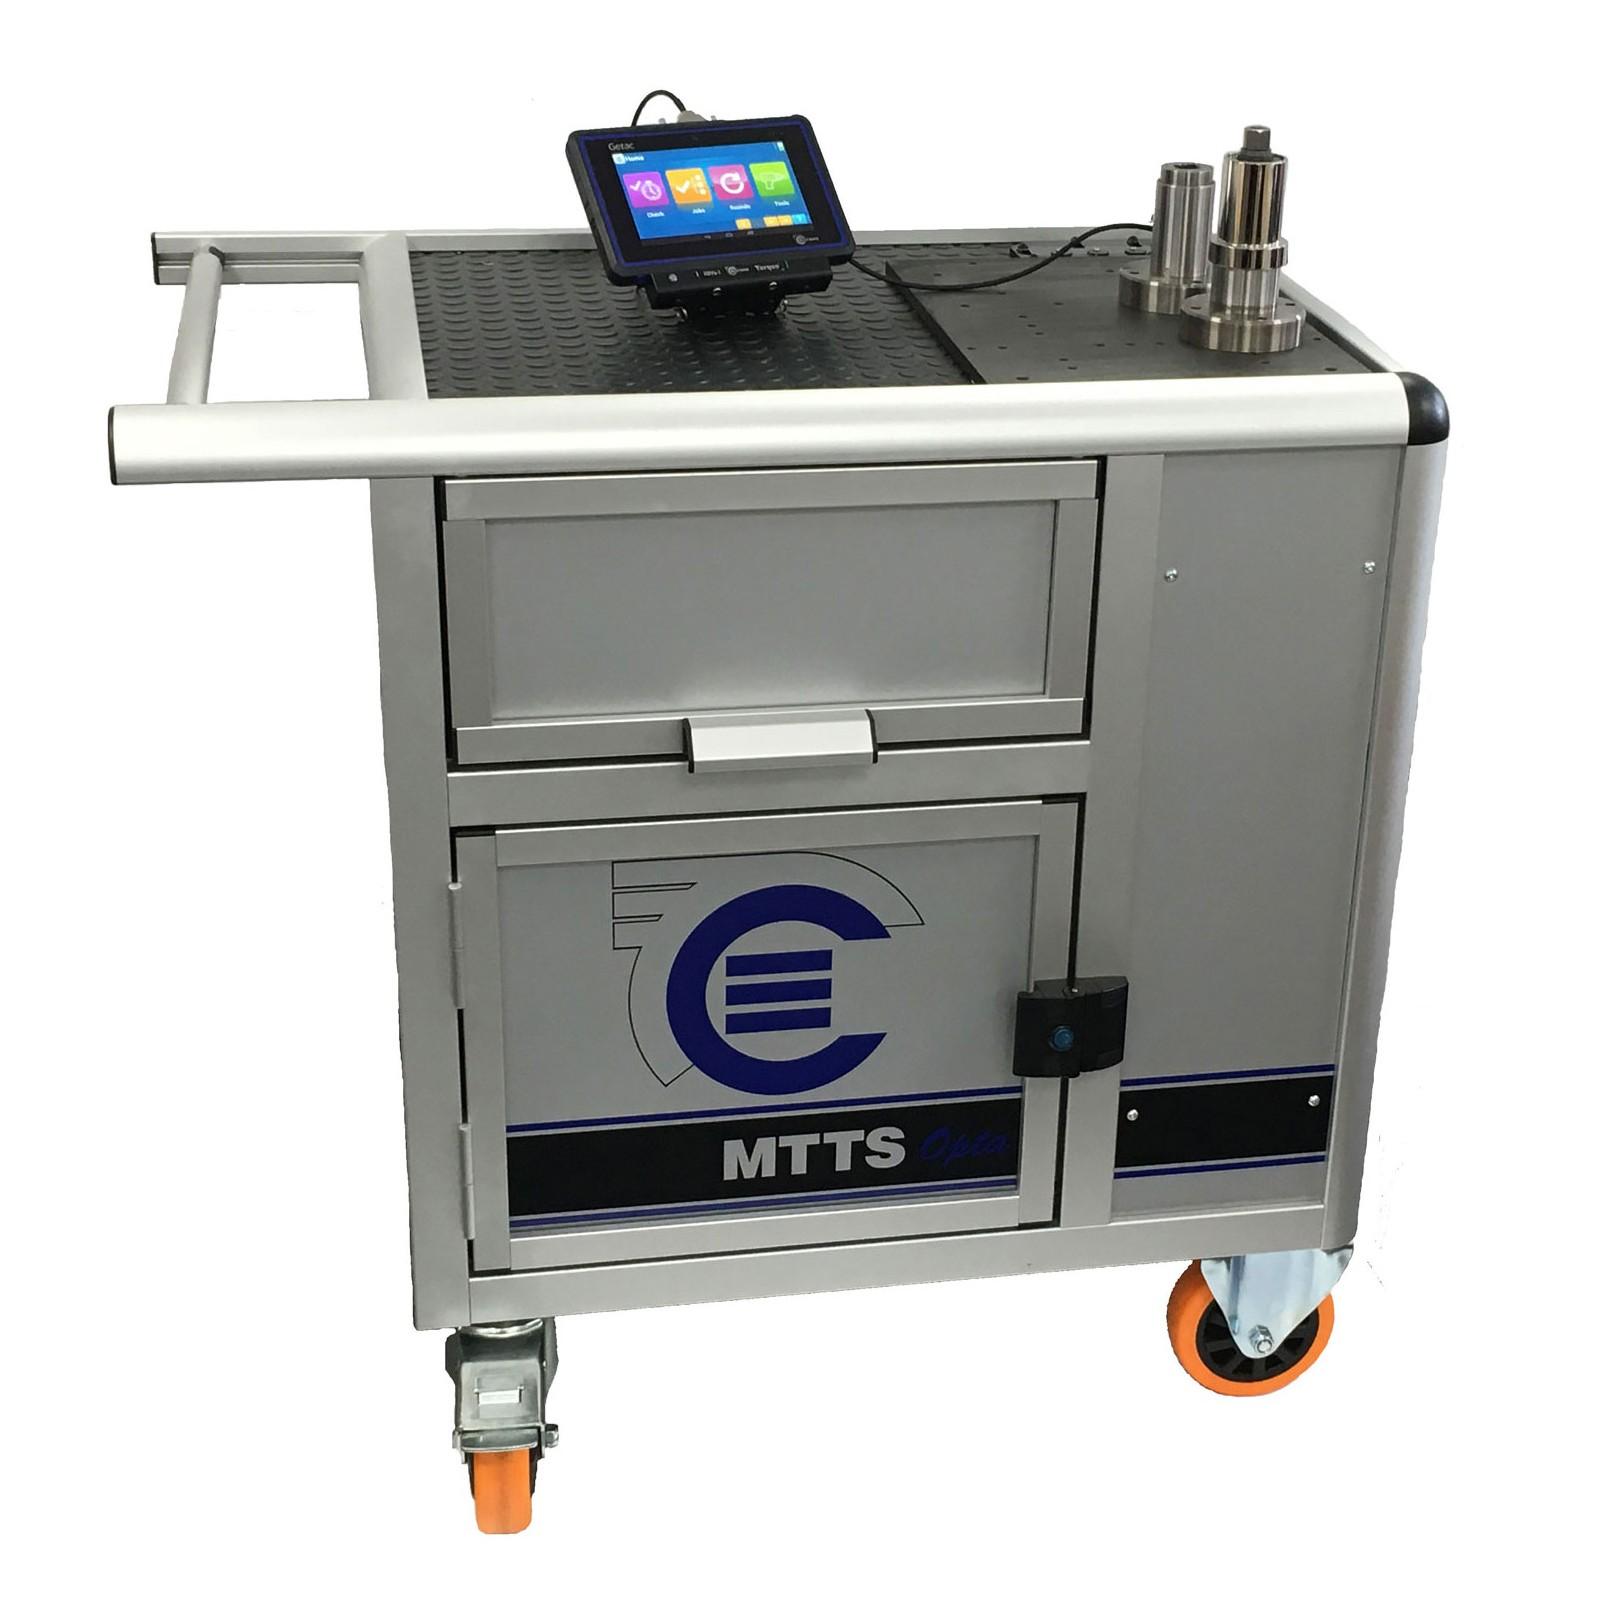 teststation montage gereedschap MTTS